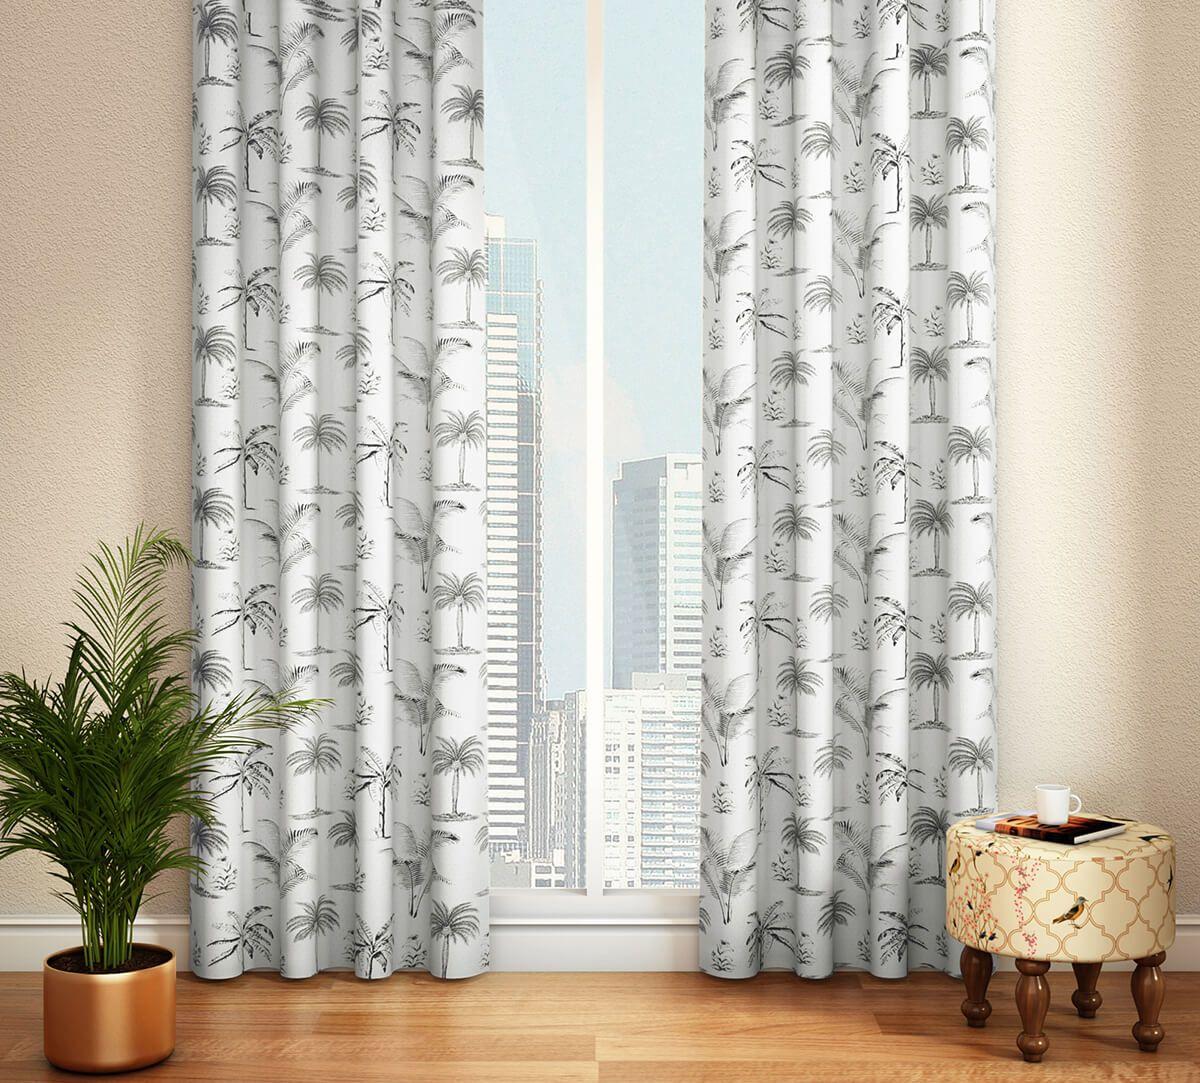 India Circus Monochrome Palms Door Curtain